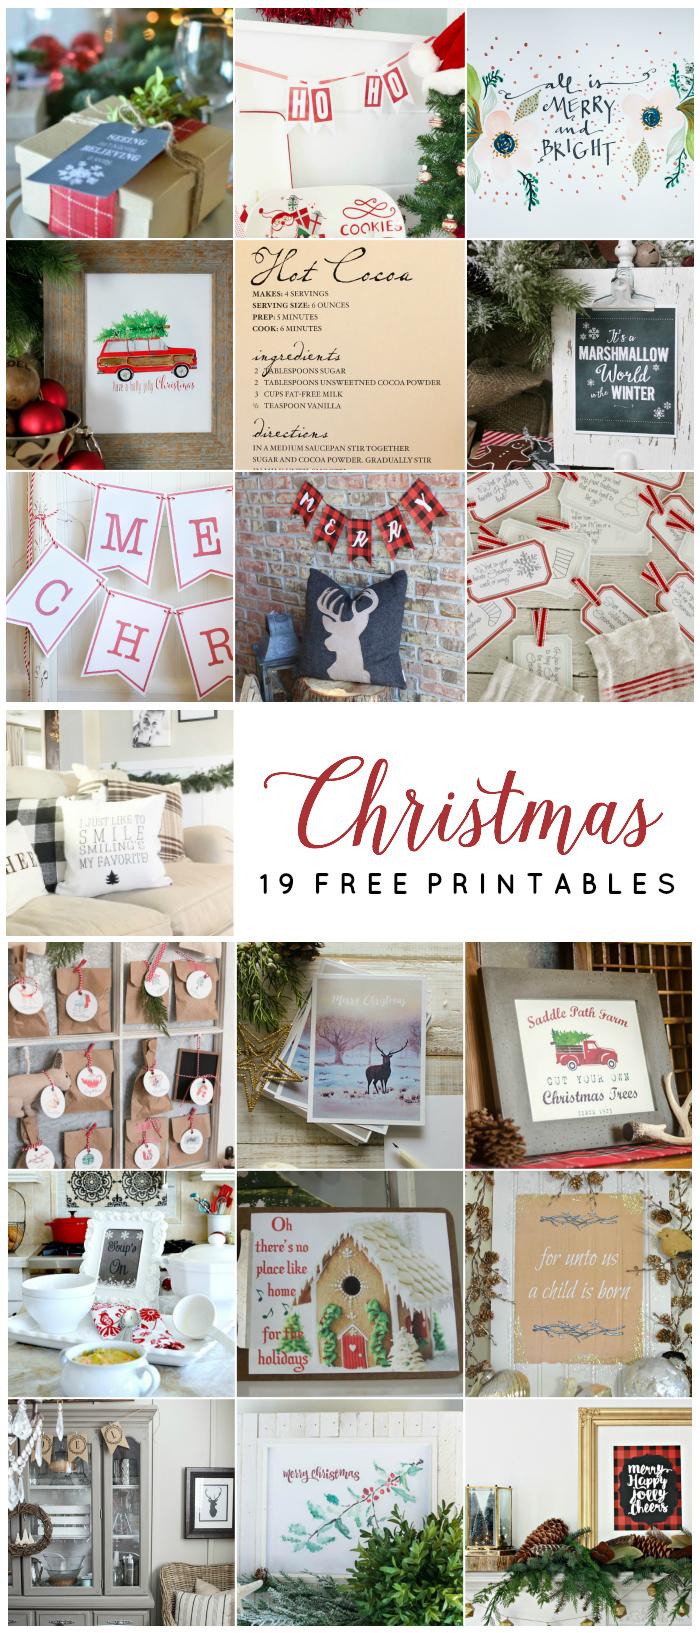 19 Free Christmas Printables